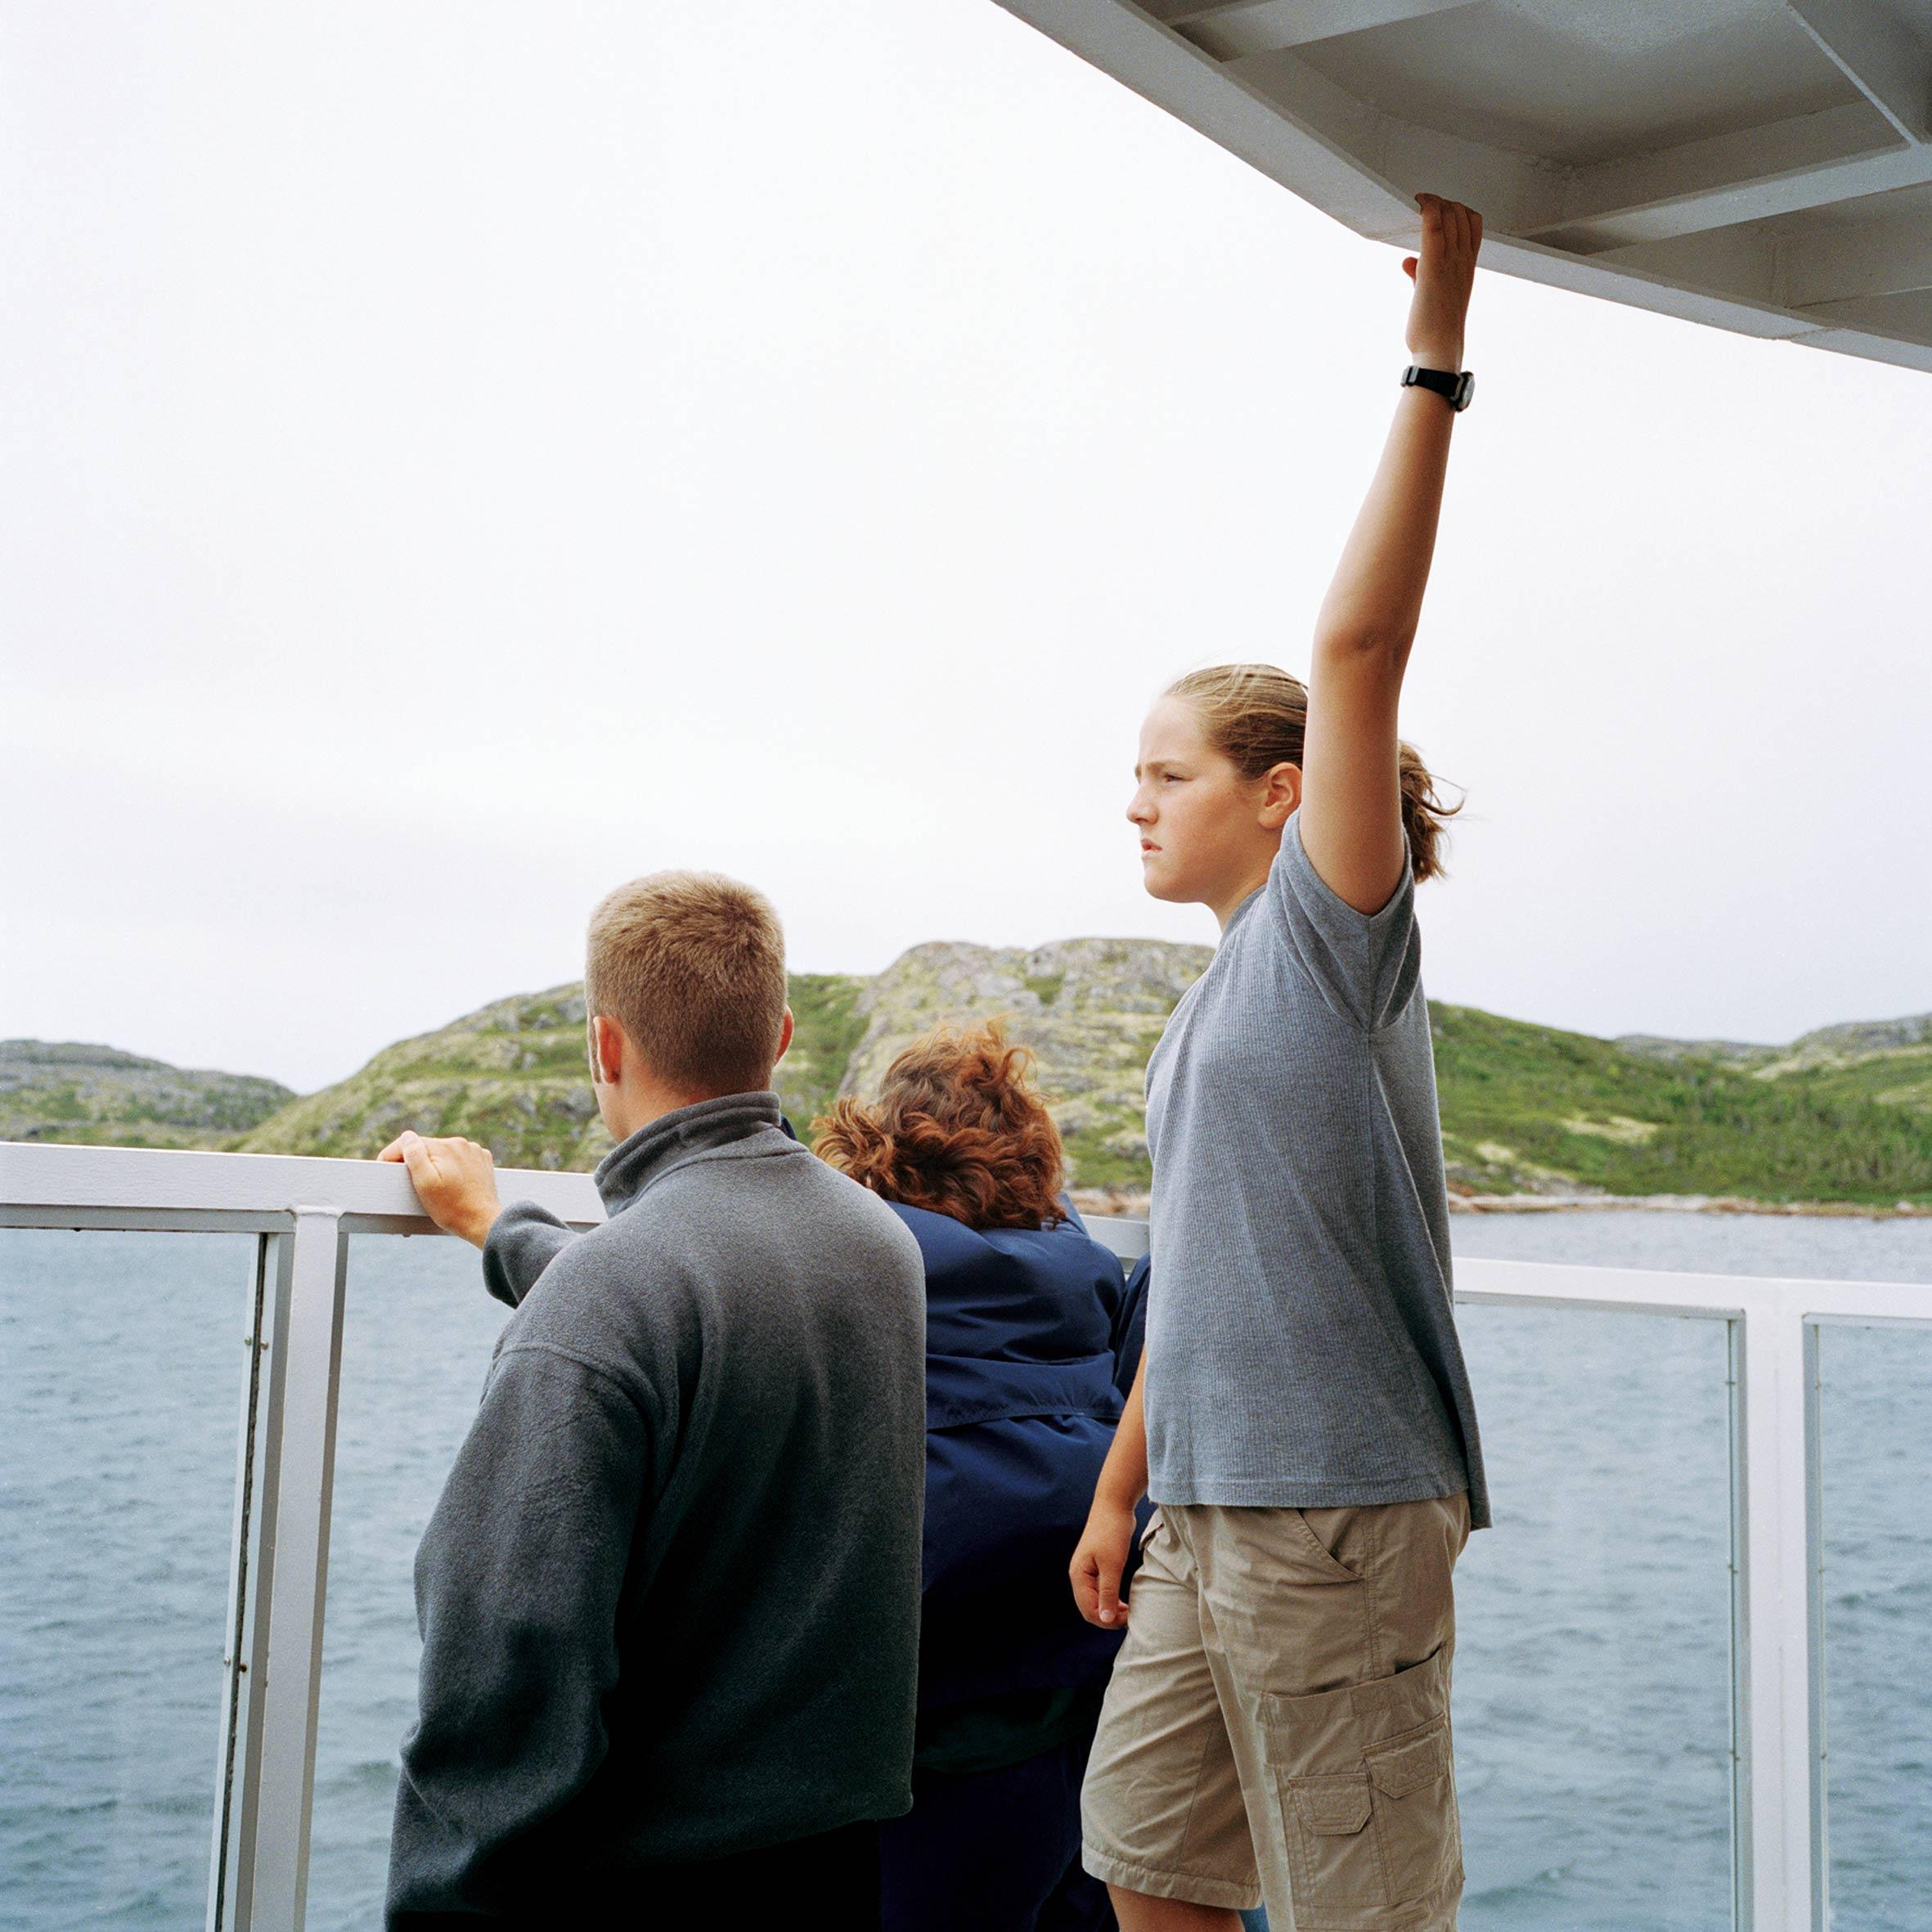 marcher créer, périple autobiographique, territoire du Labrador au Québec, paysage, bateau, mer, fleuve, voyageurs